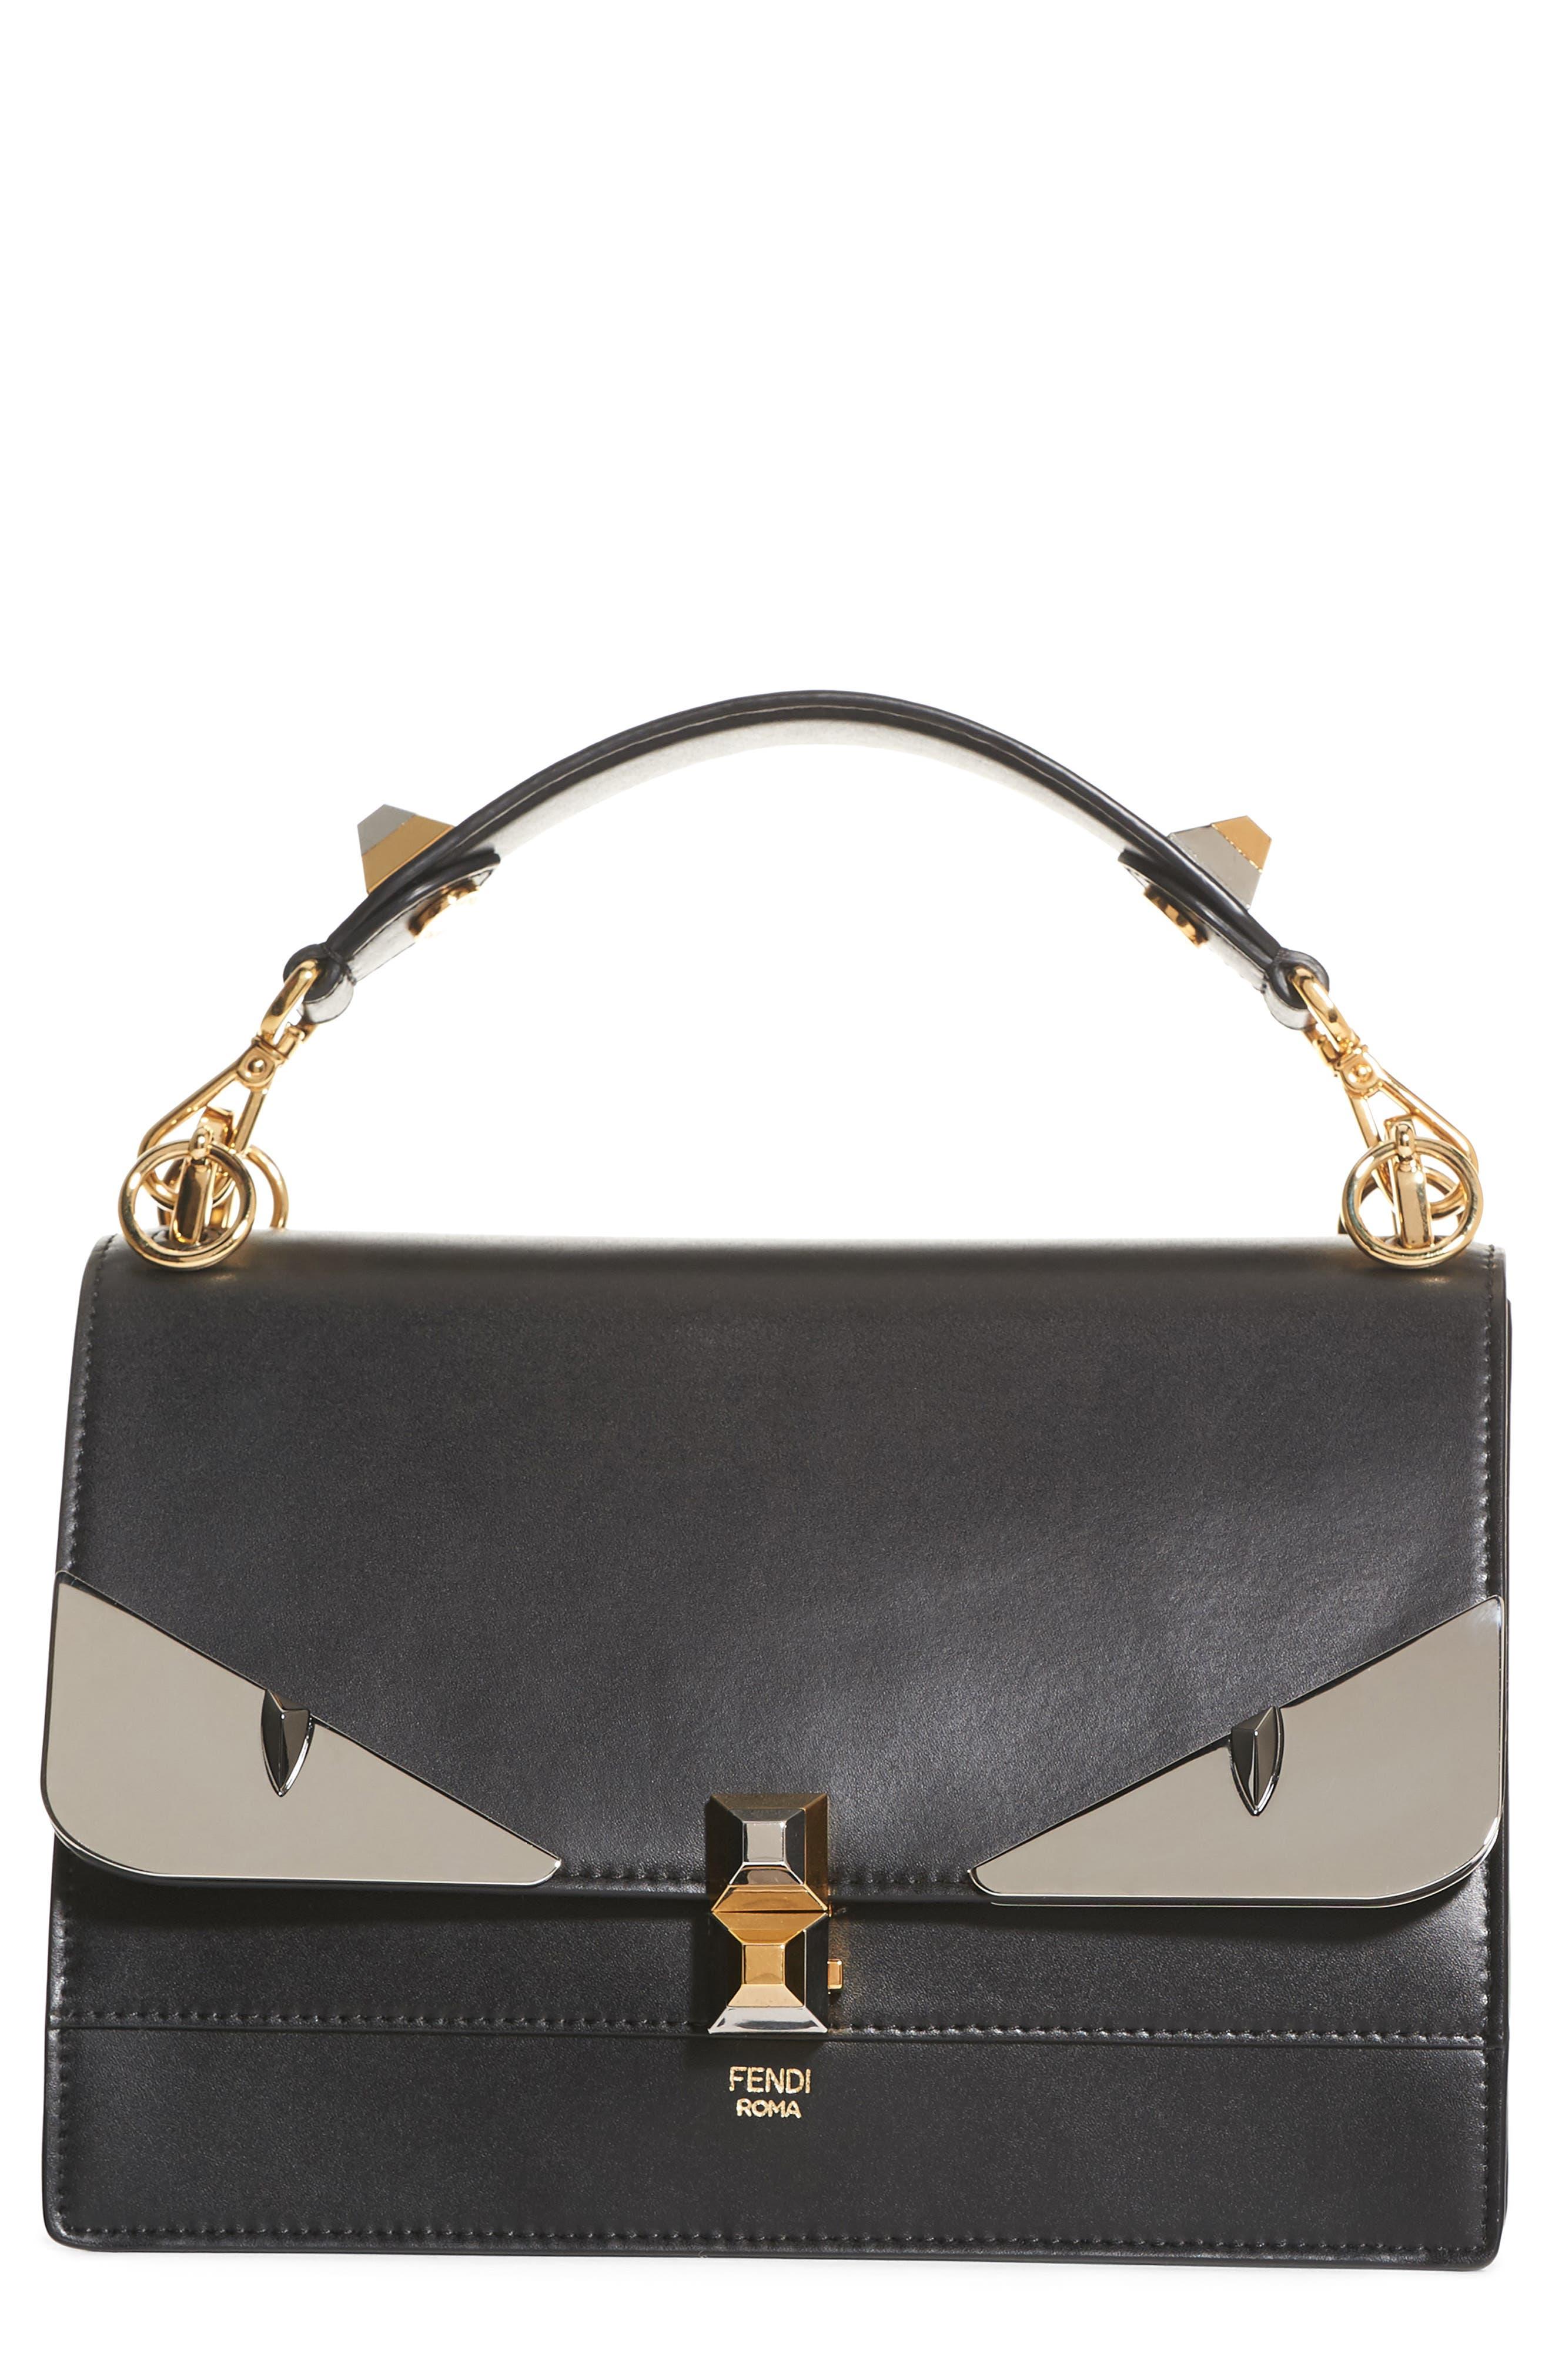 Main Image - Fendi Kan I Monster Calfskin Leather Shoulder Bag